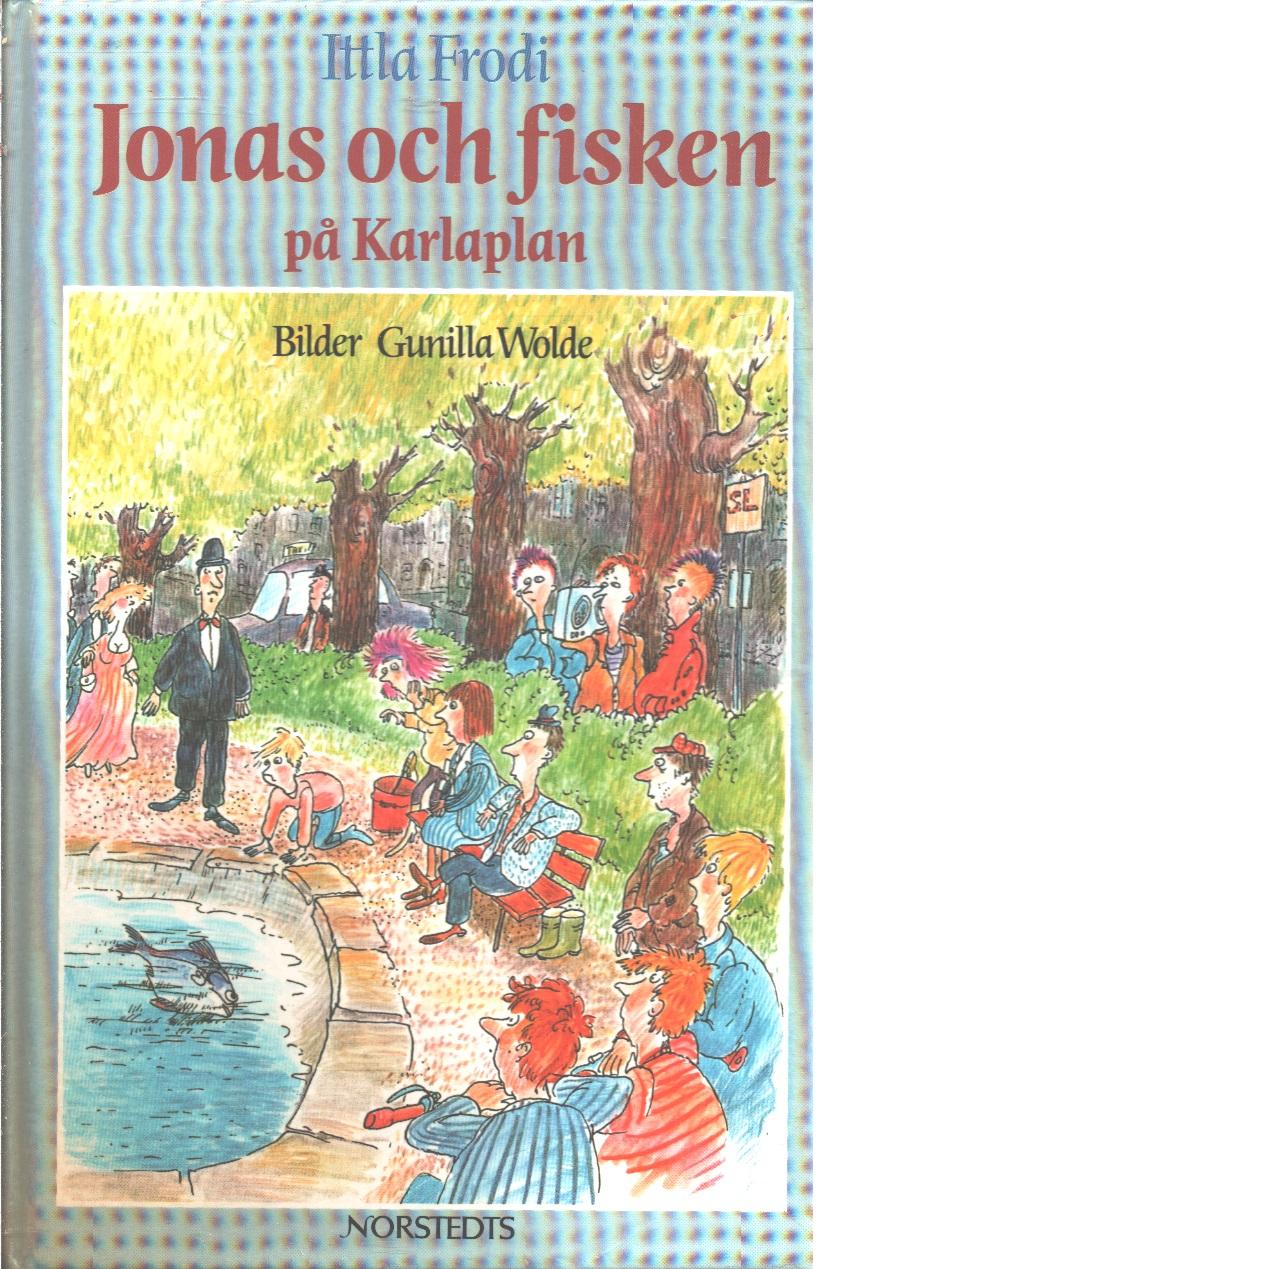 Jonas och fisken på Karlaplan - Frodi, Ittla